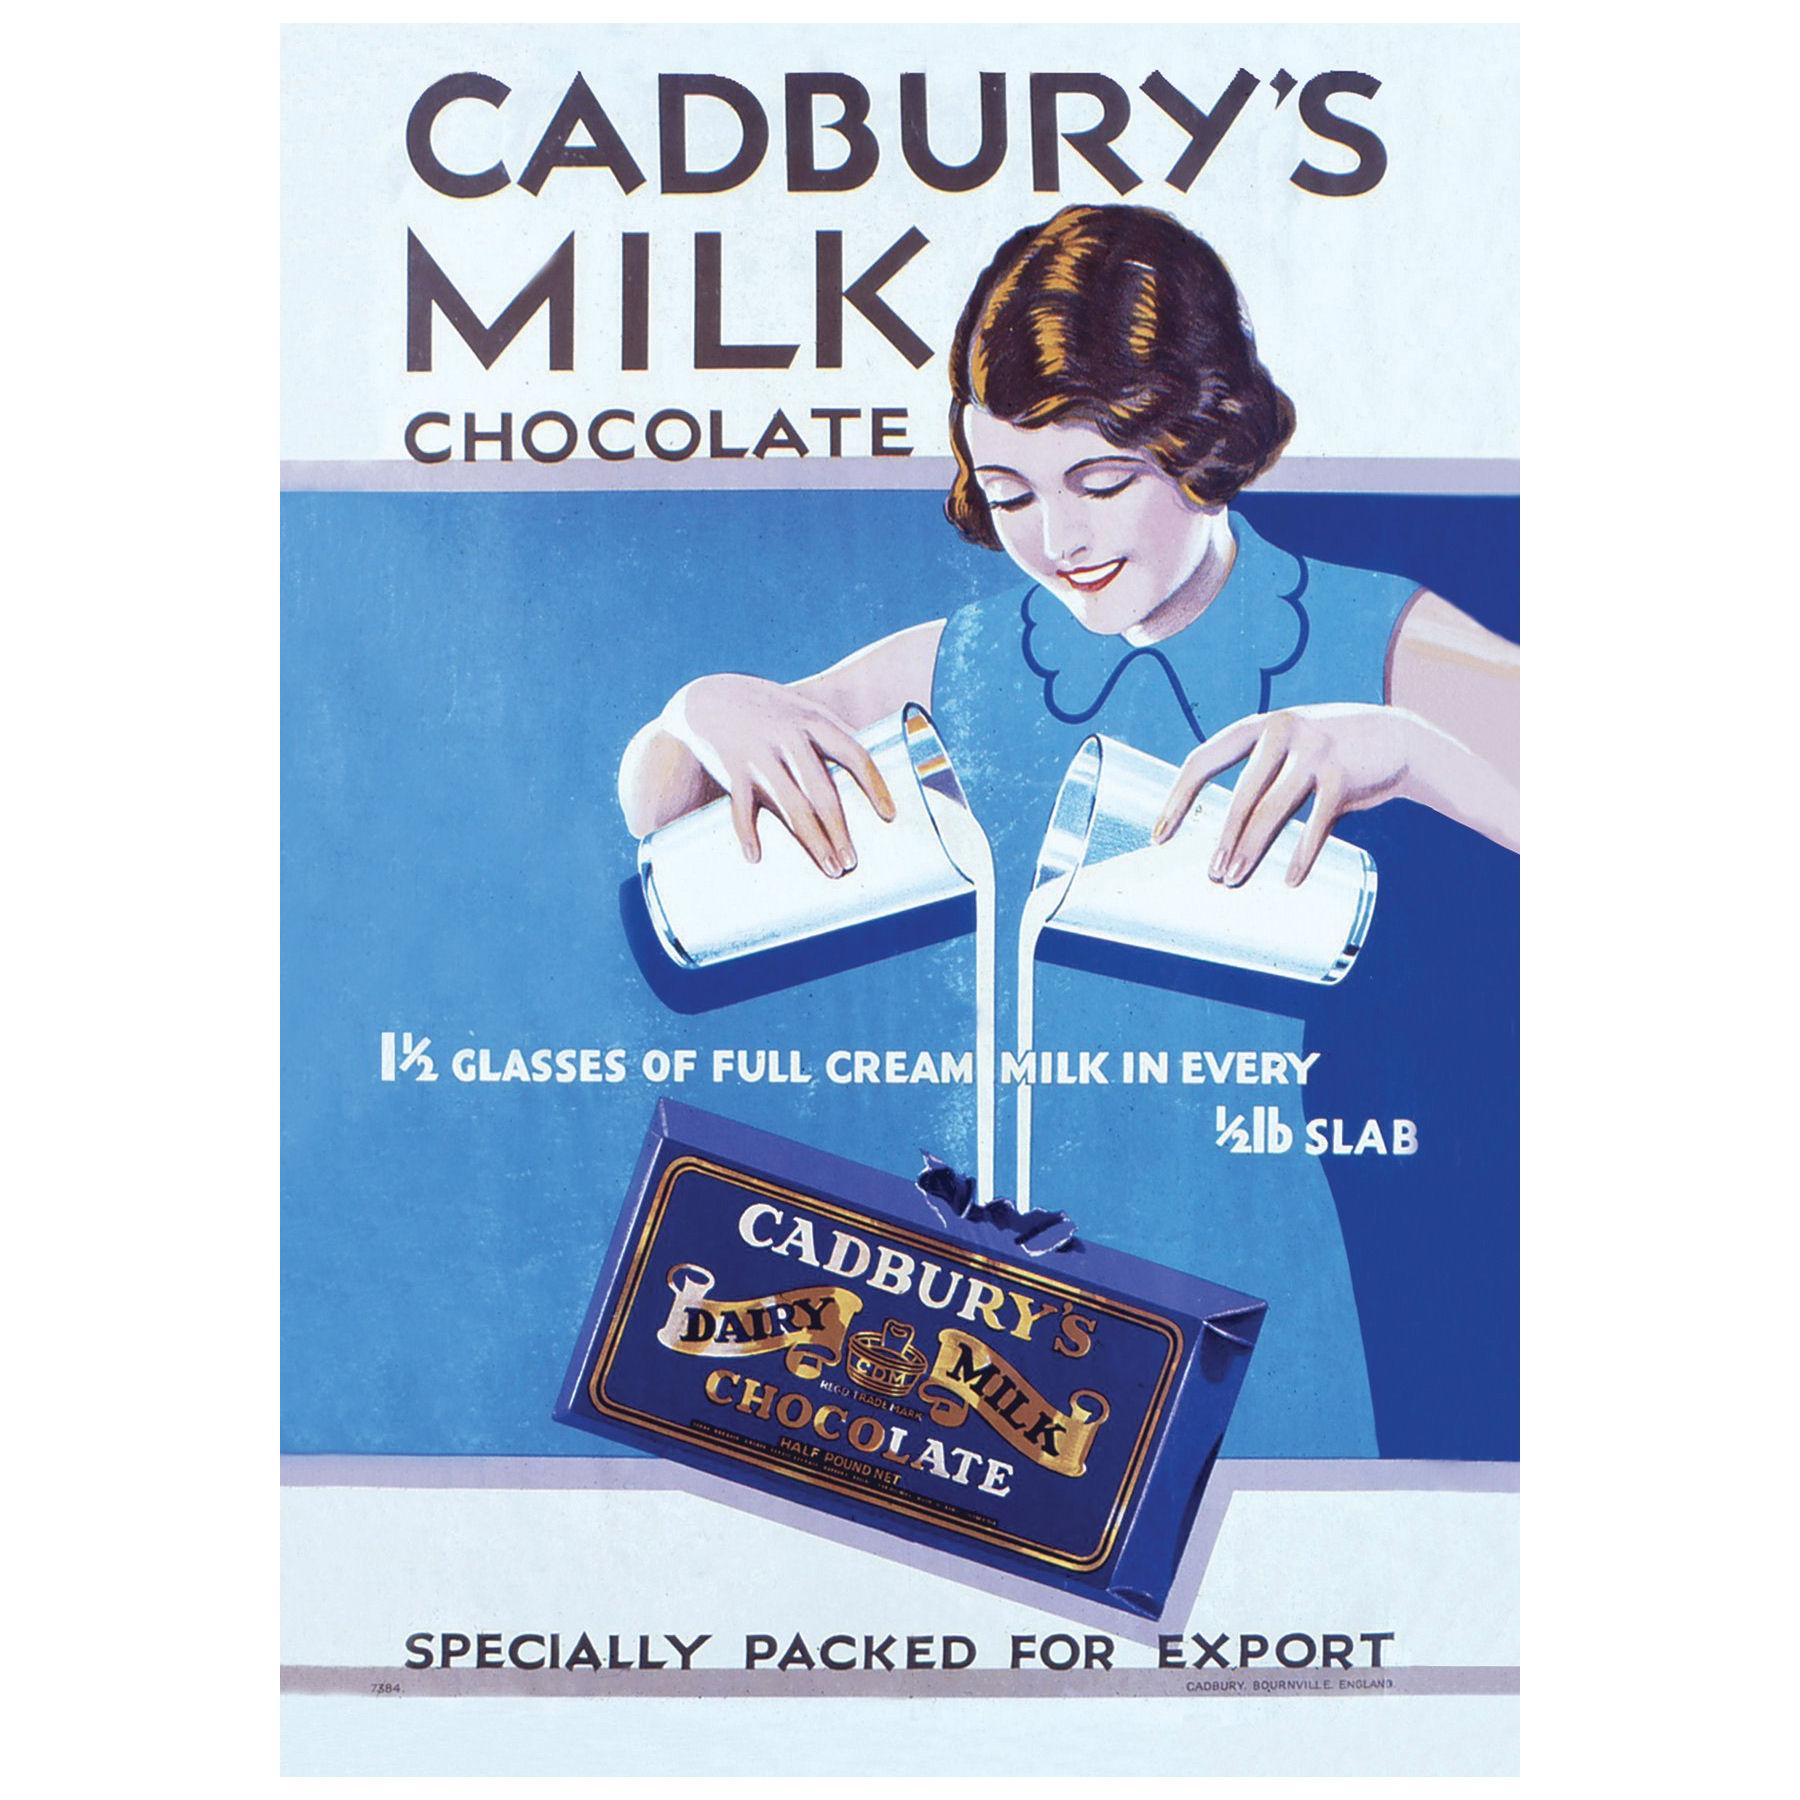 CadburyMilk.jpg